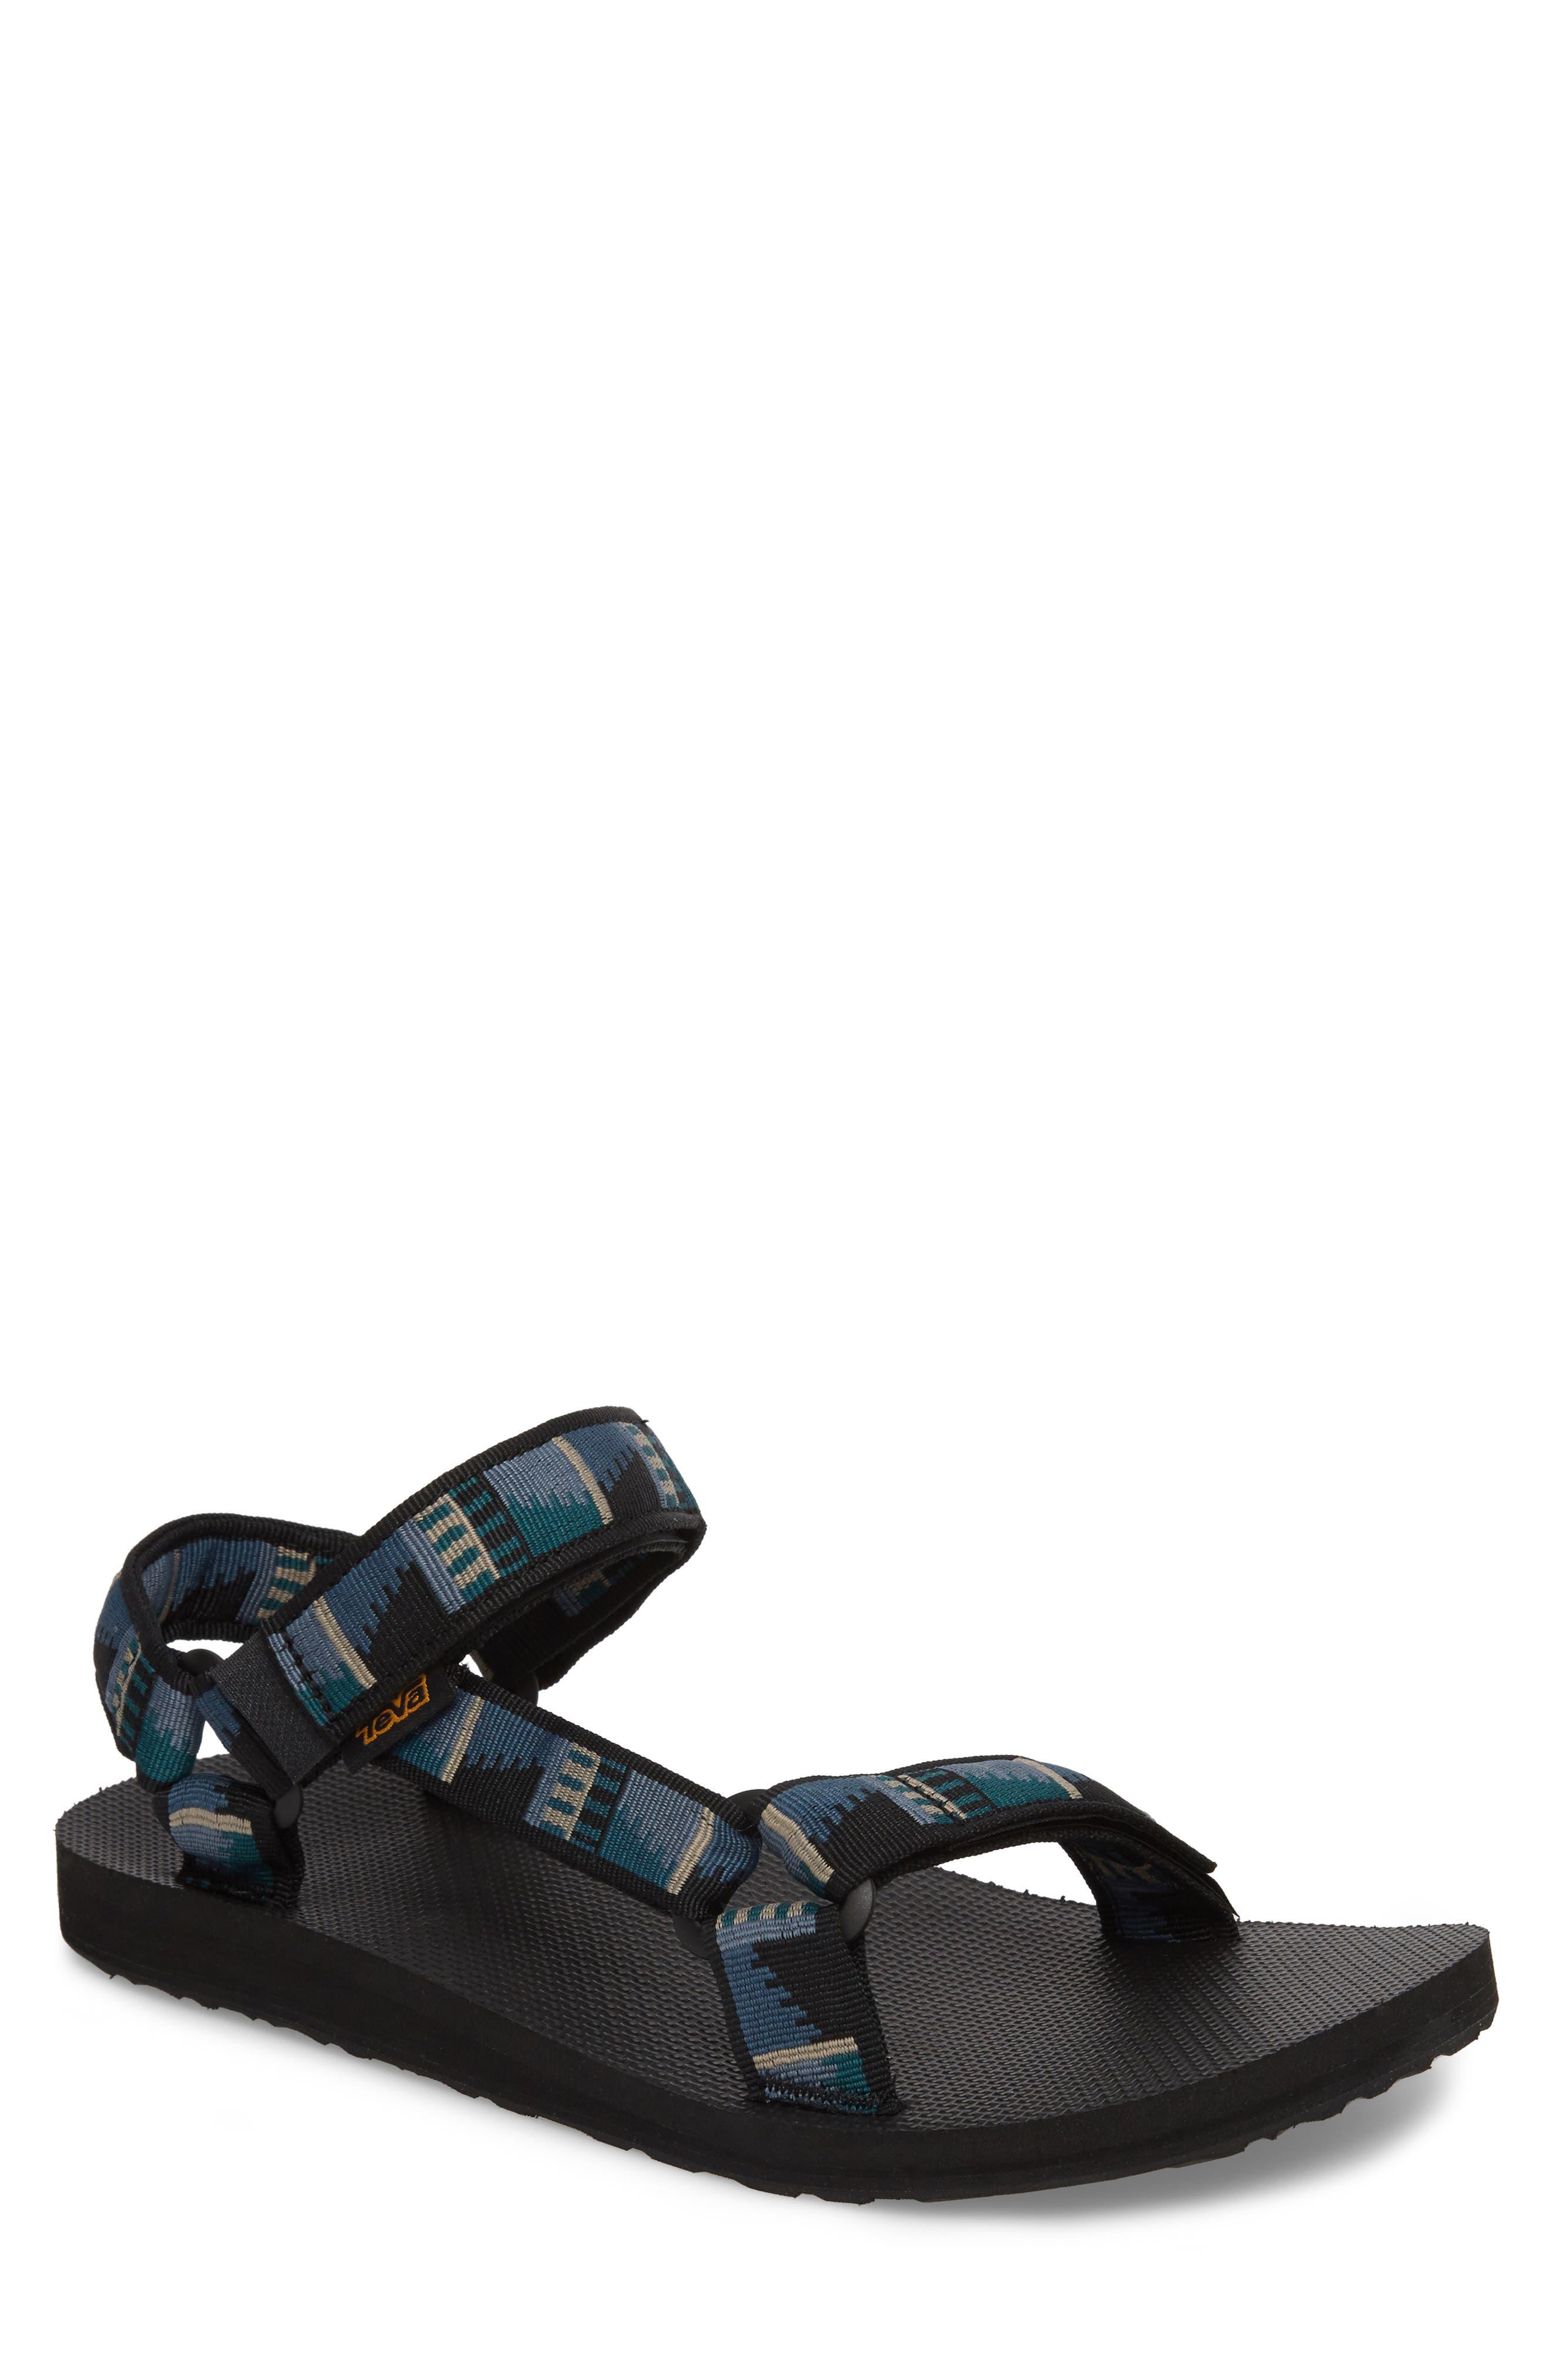 Original Universal Sandal,                             Main thumbnail 1, color,                             BLACK NYLON